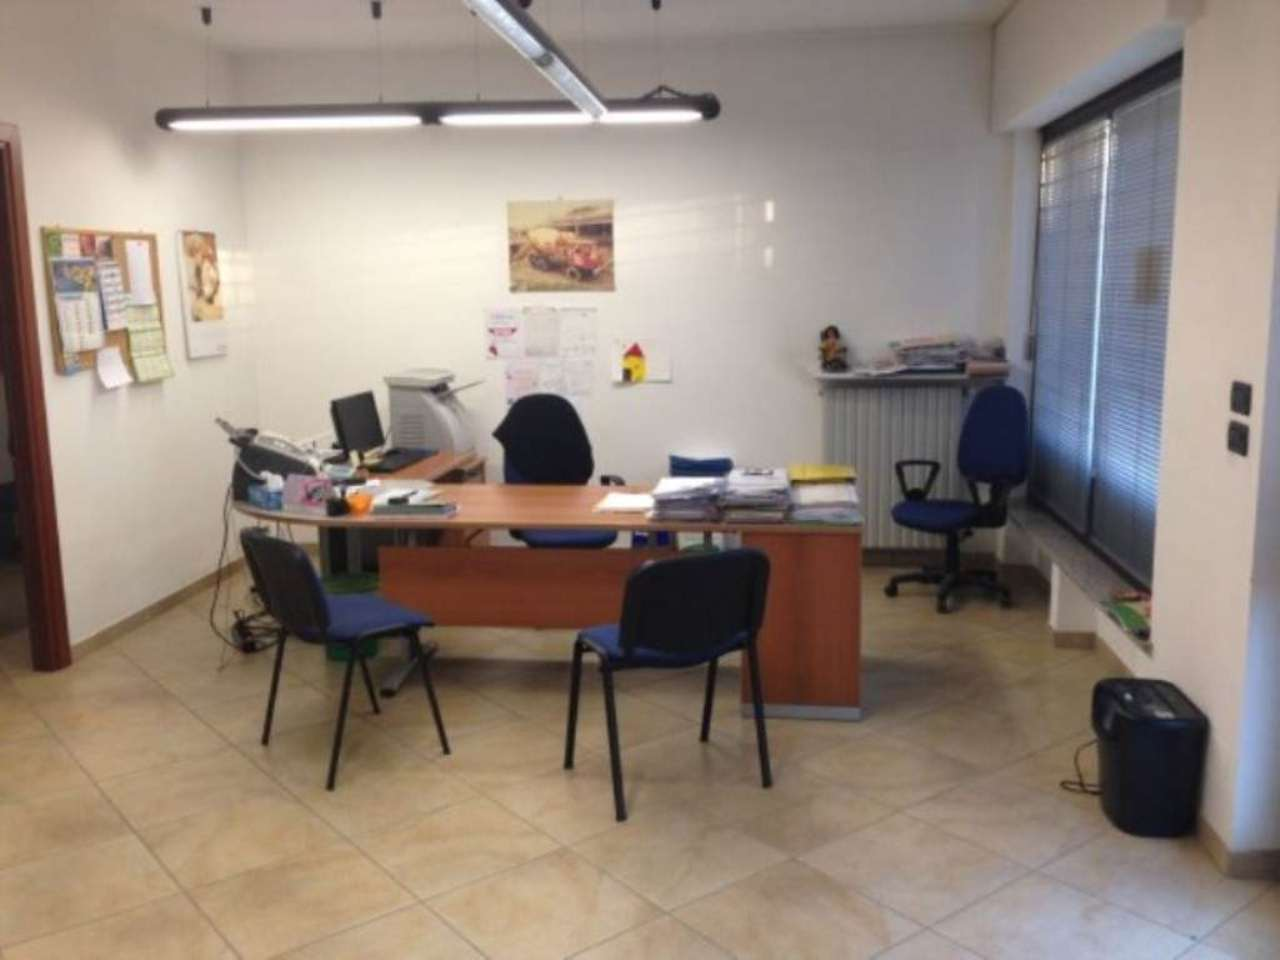 Negozio / Locale in affitto a Santena, 2 locali, prezzo € 500 | Cambio Casa.it